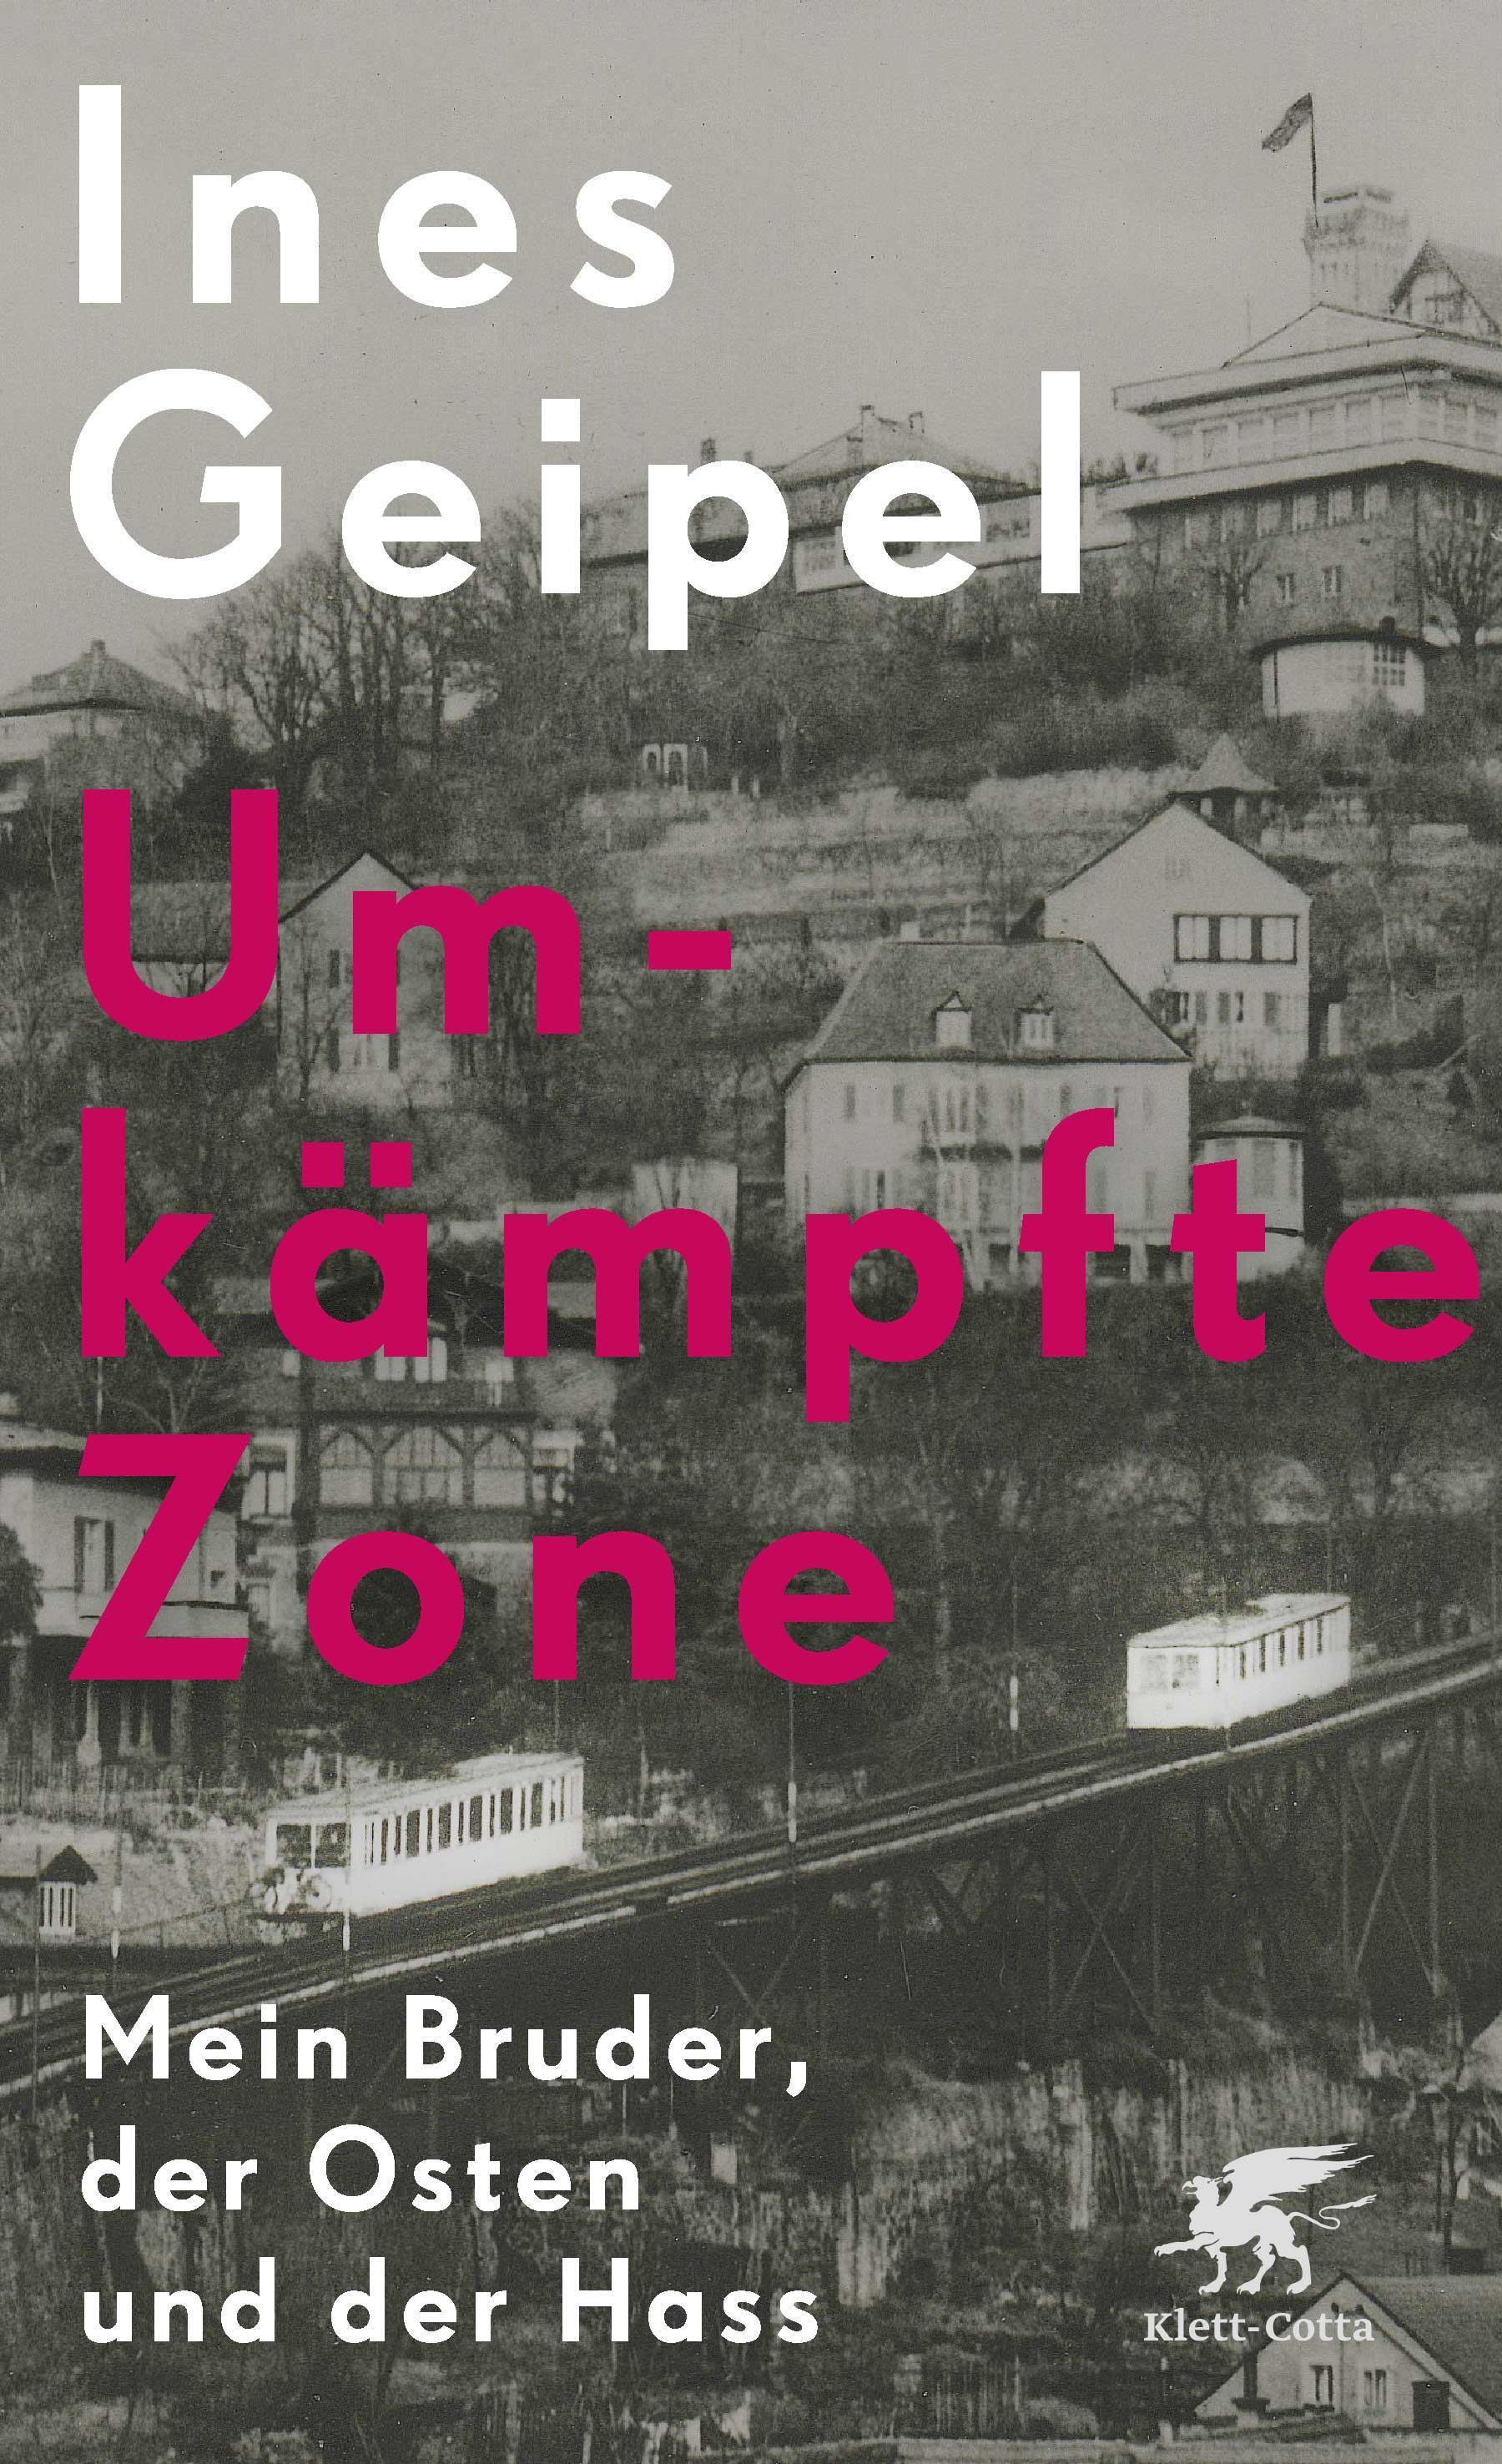 Leseempfehlungen: Umkämpfte Zone